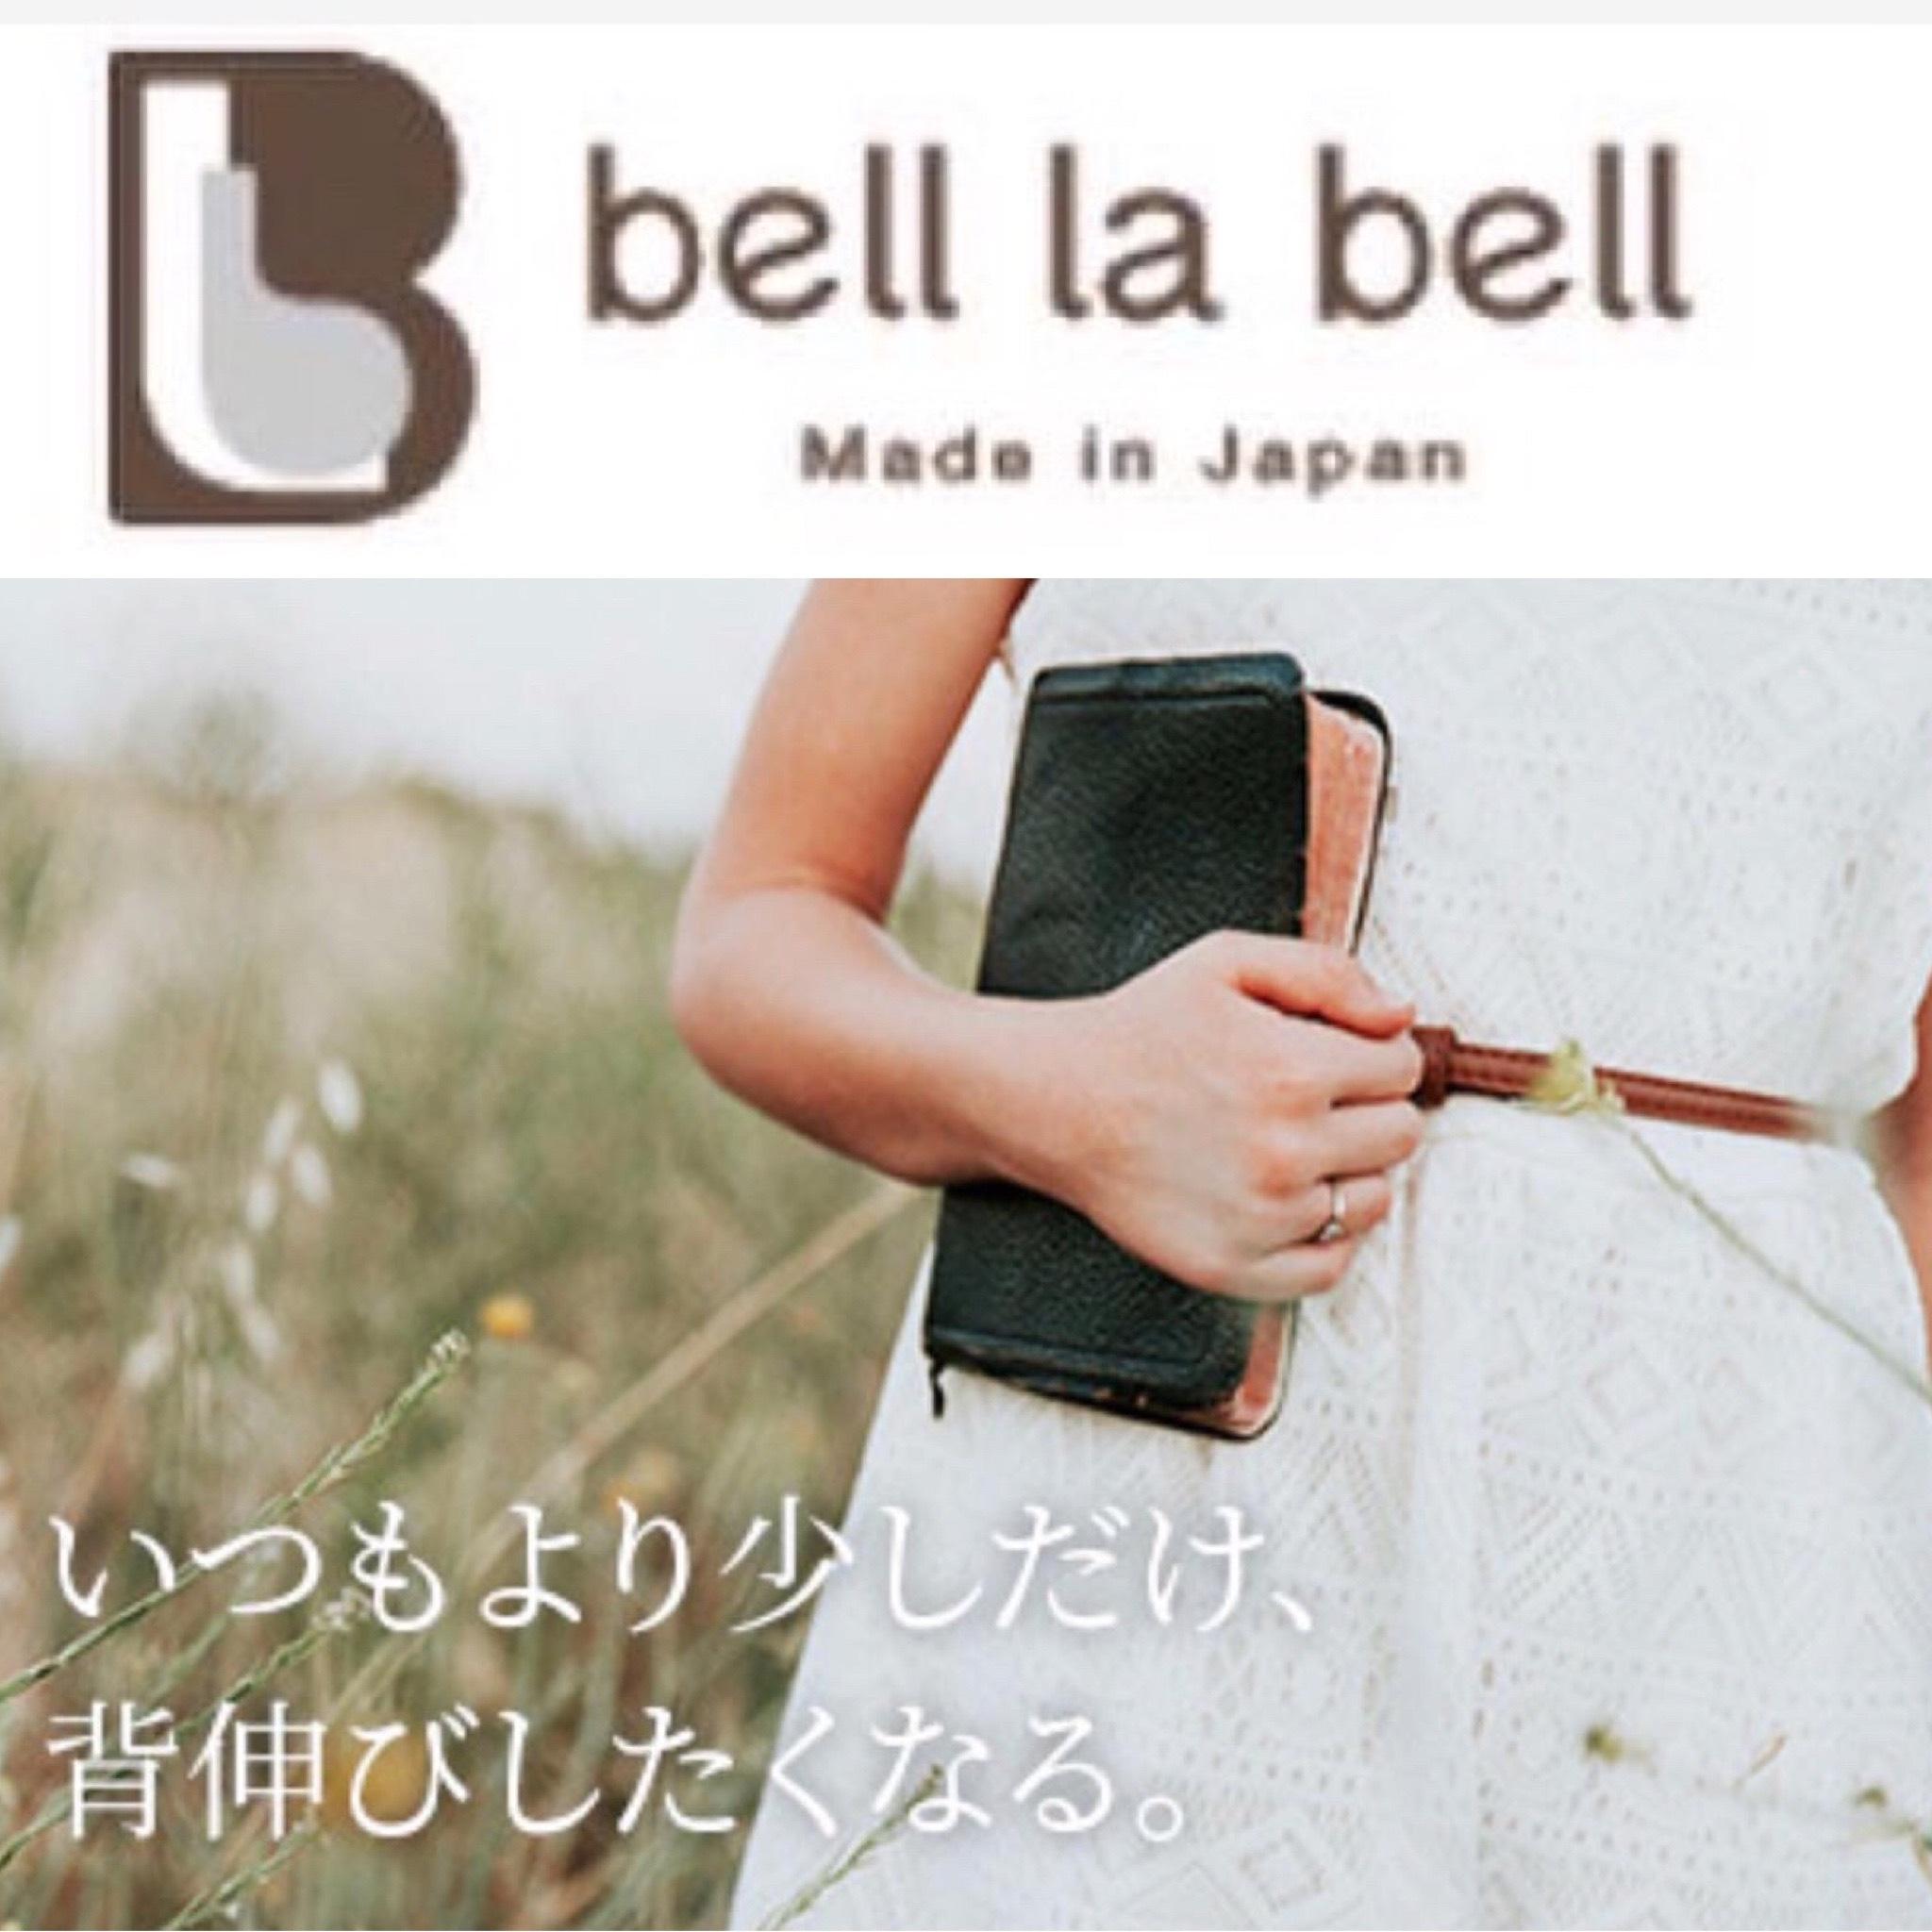 belllabell ベルラベル